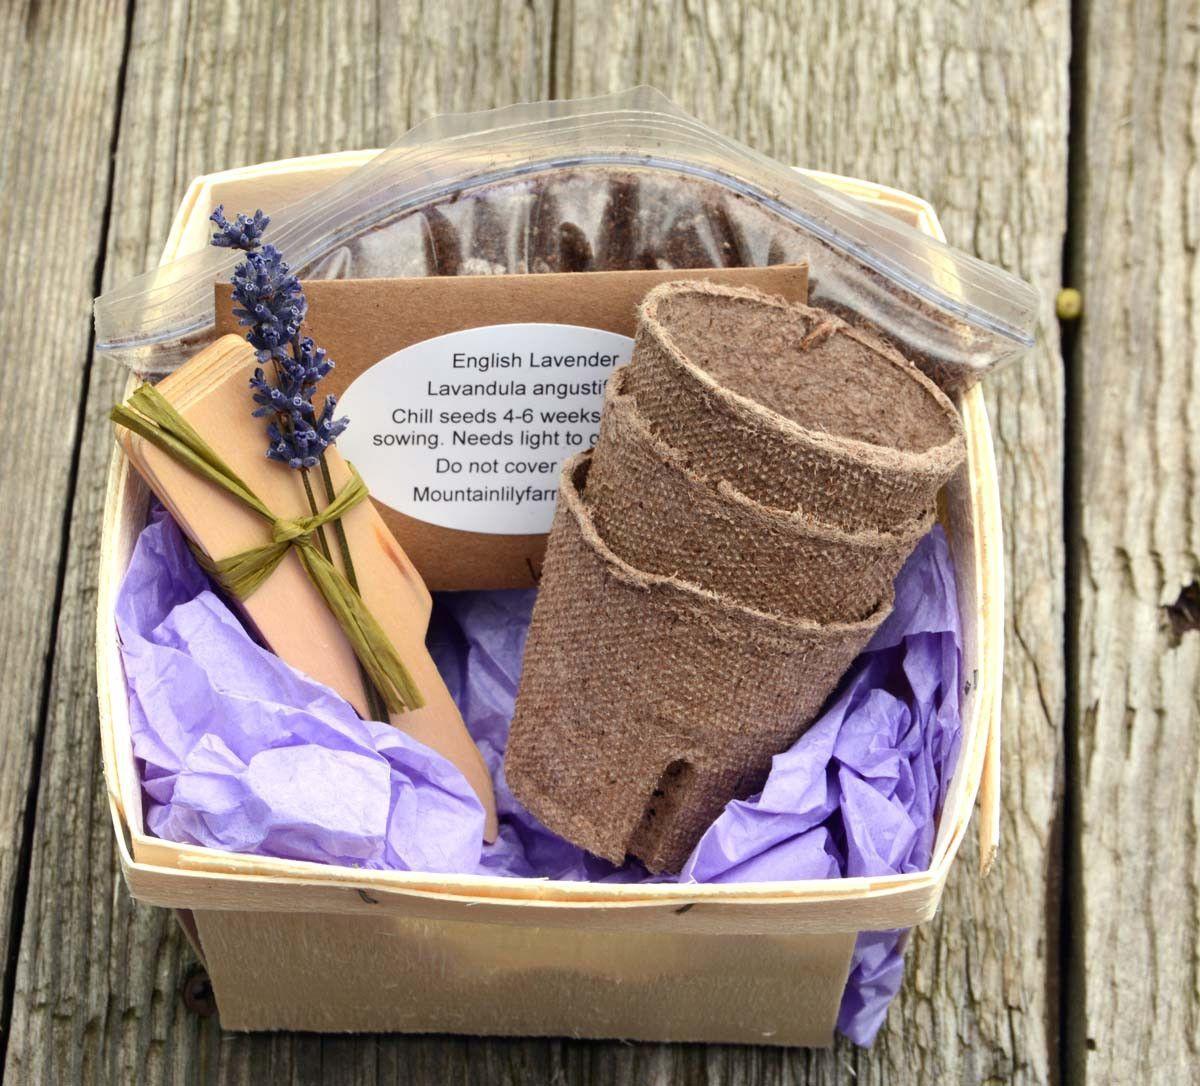 Lavender Garden Seed Kit Grow Organic English Lavender Seeds Plus ...